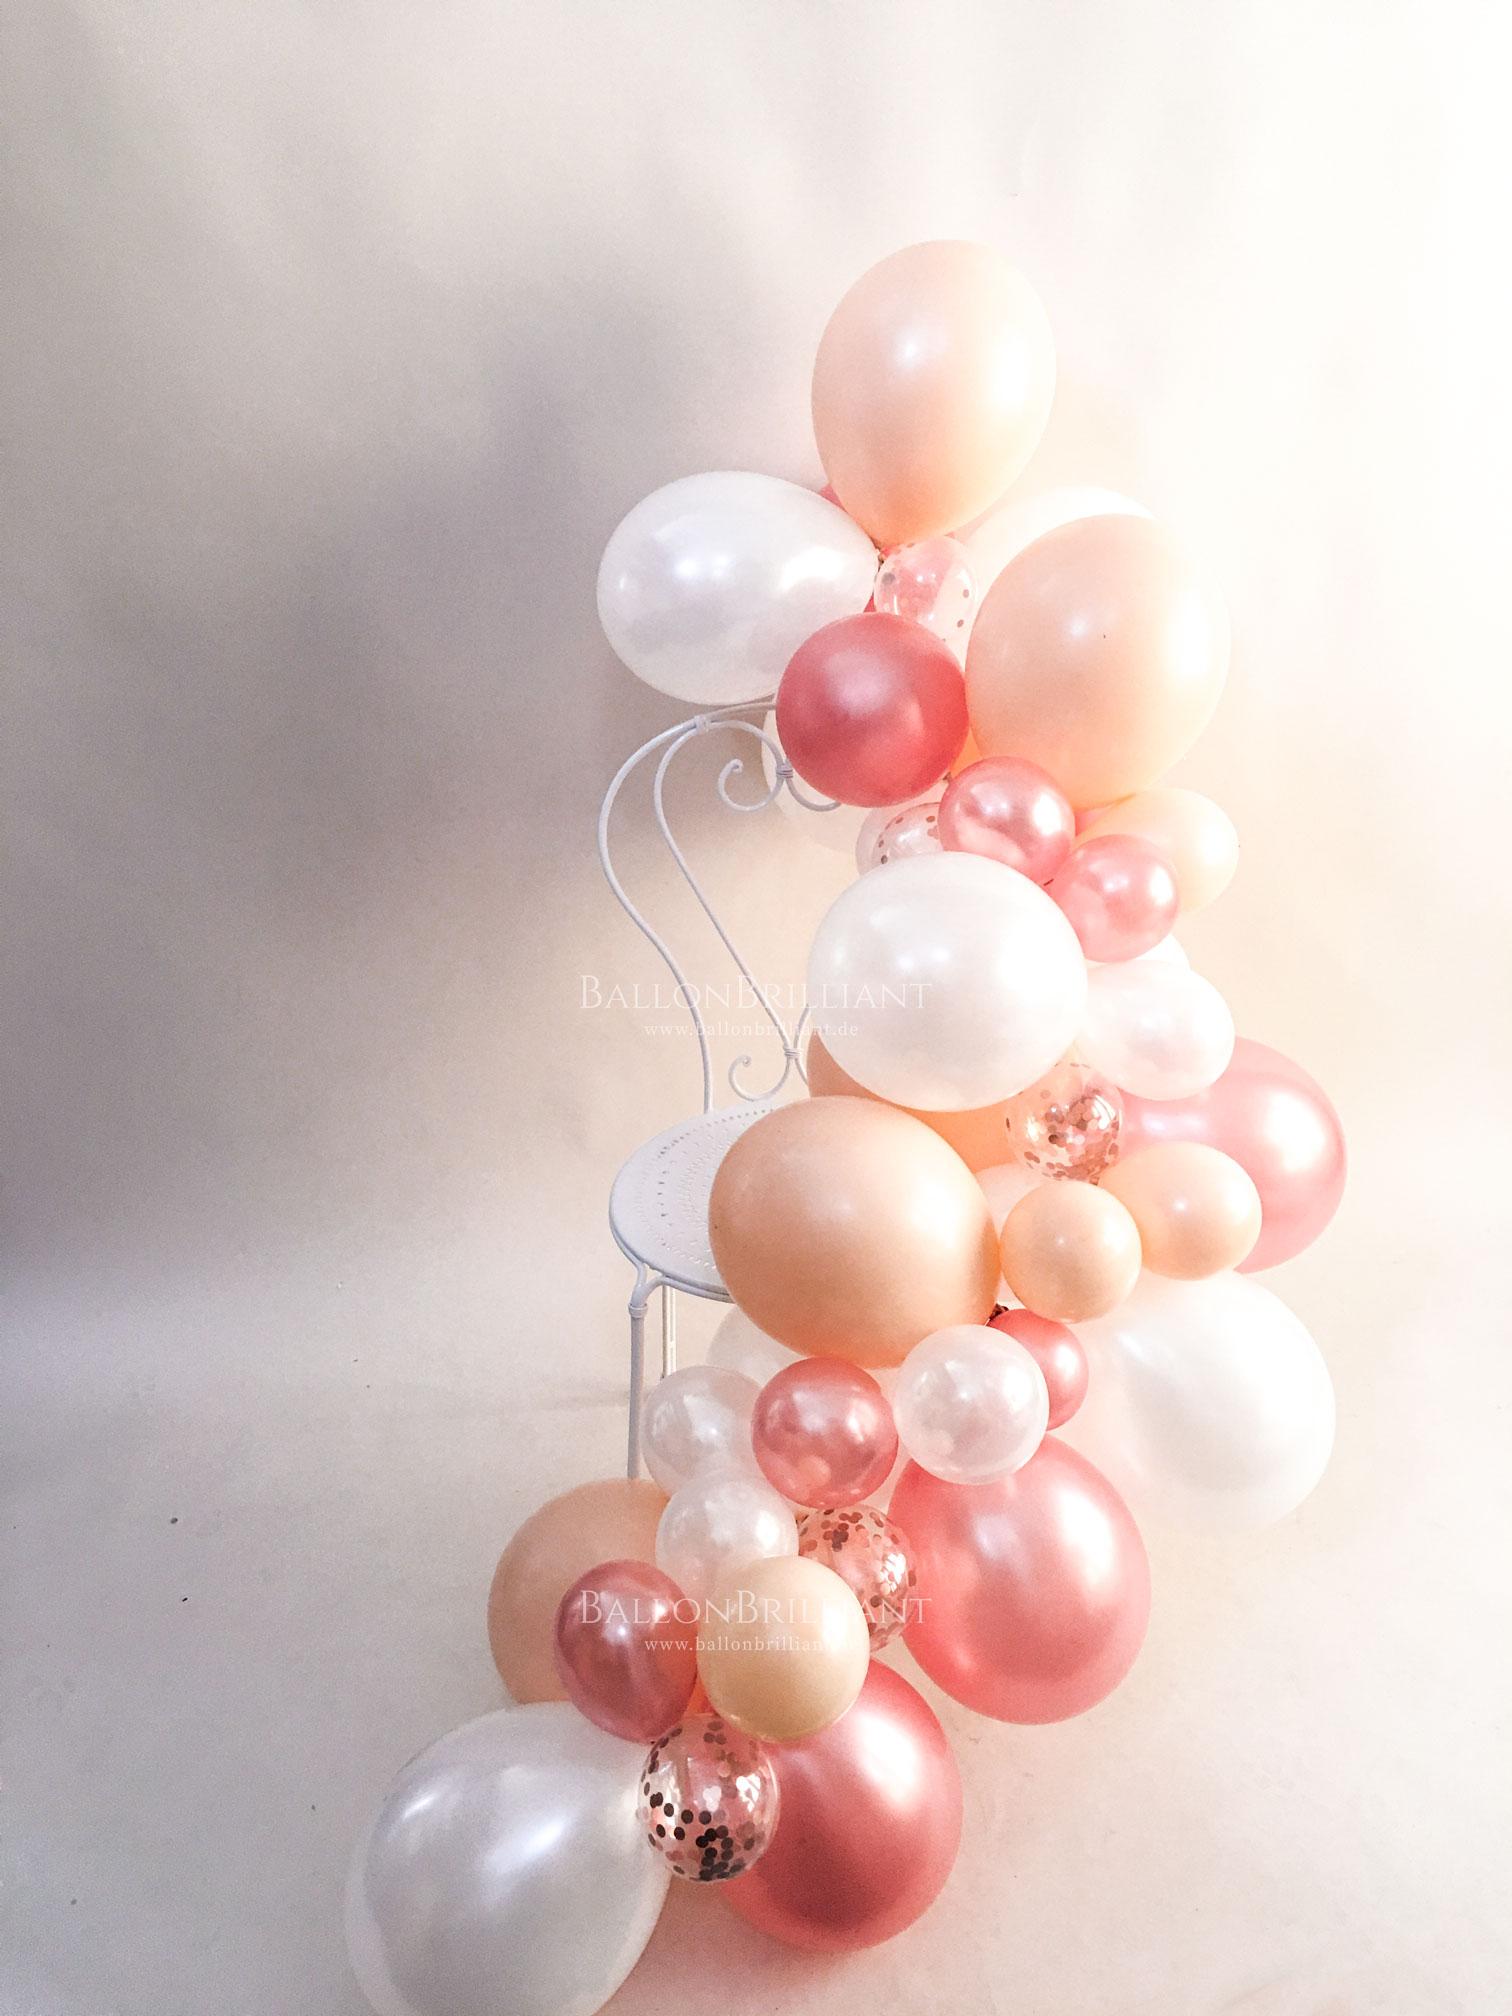 BallonBrilliant Girlande Ballongirlande